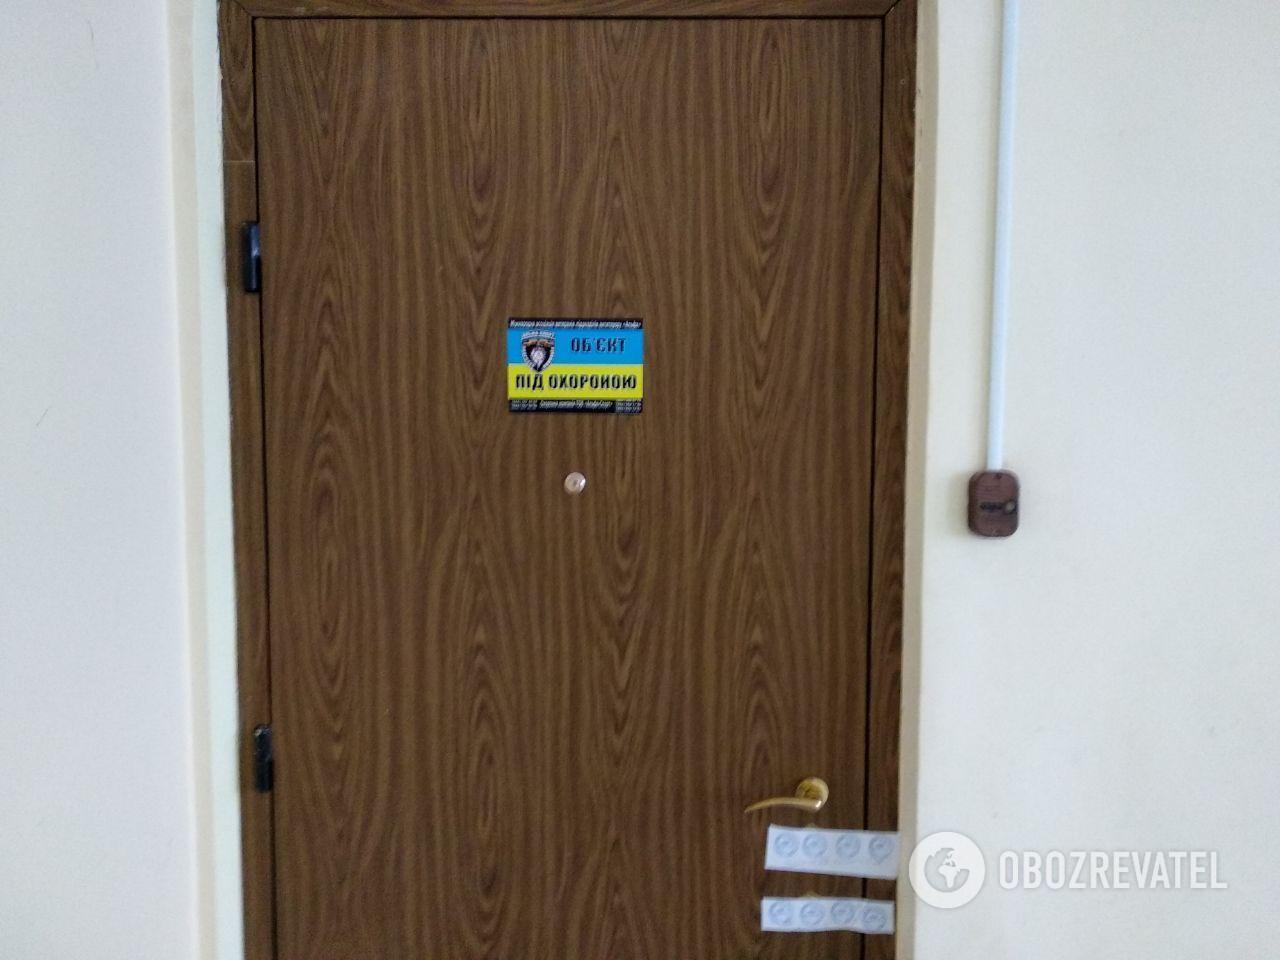 Квартира, де виявили тіло бізнесмена, опечатана